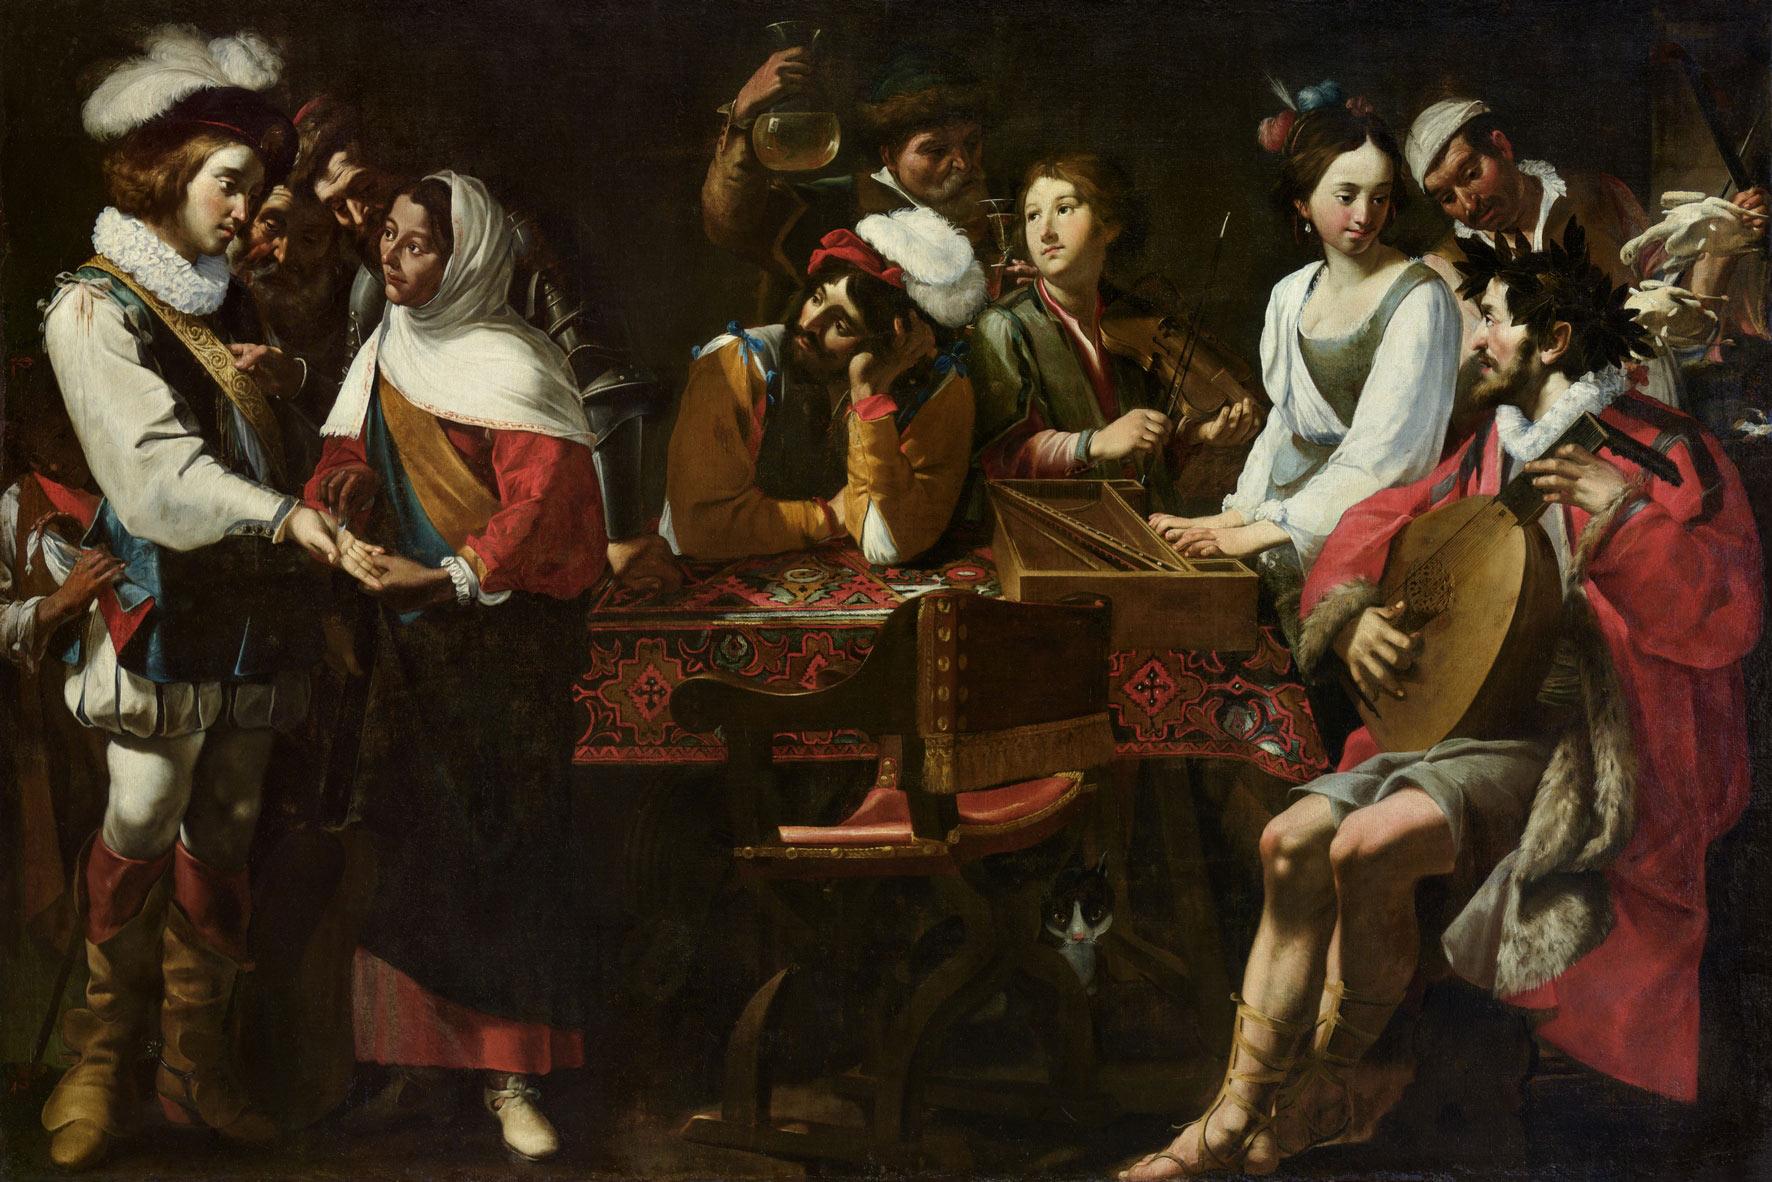 Un grande convegno sul Barocco per indagare su persistenze e rielaborazioni del caravaggismo nel Seicento